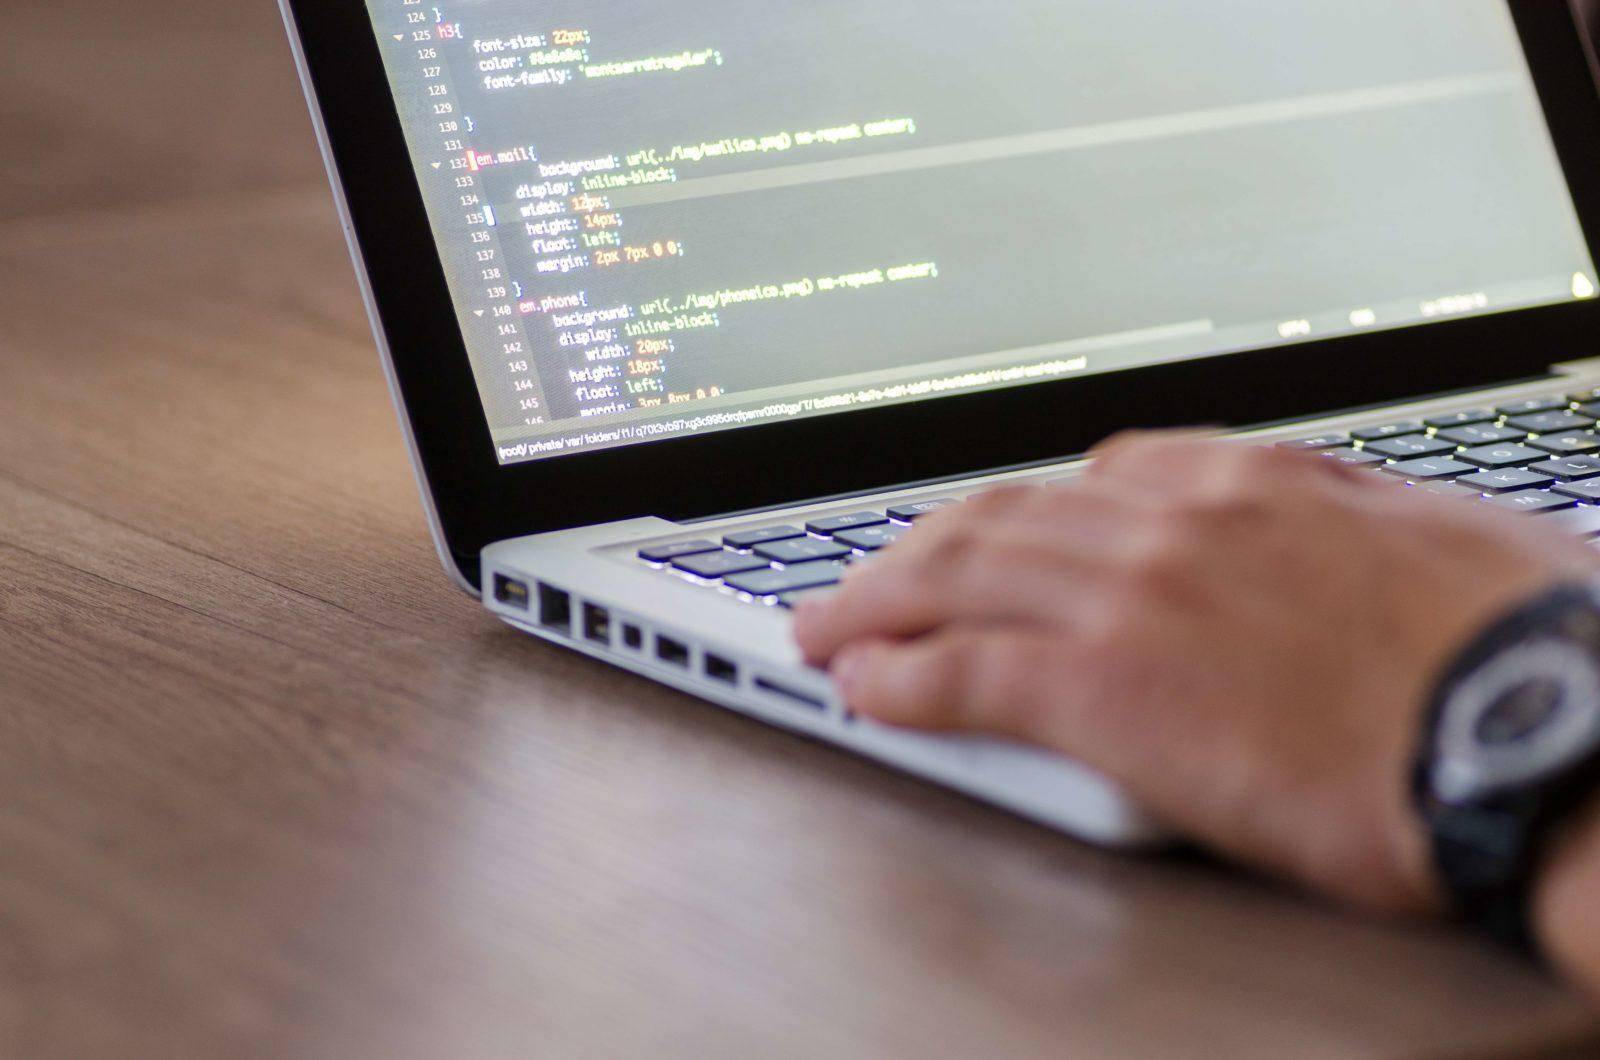 Ist man mit 30 zu alt, um Programmieren zu lernen?